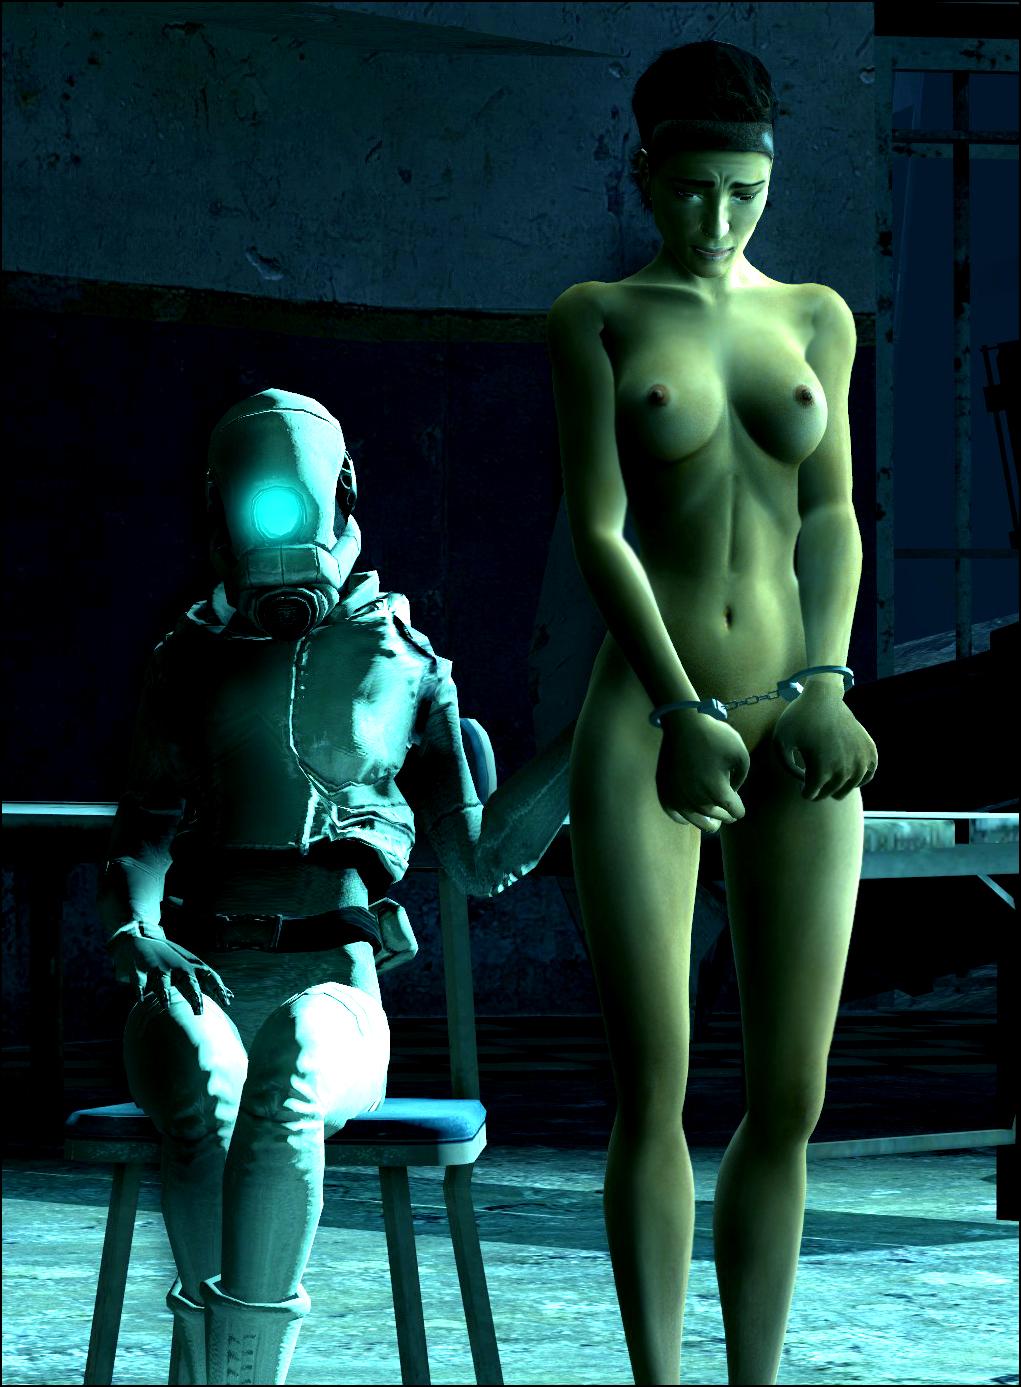 2 strider half-life Korra and asami